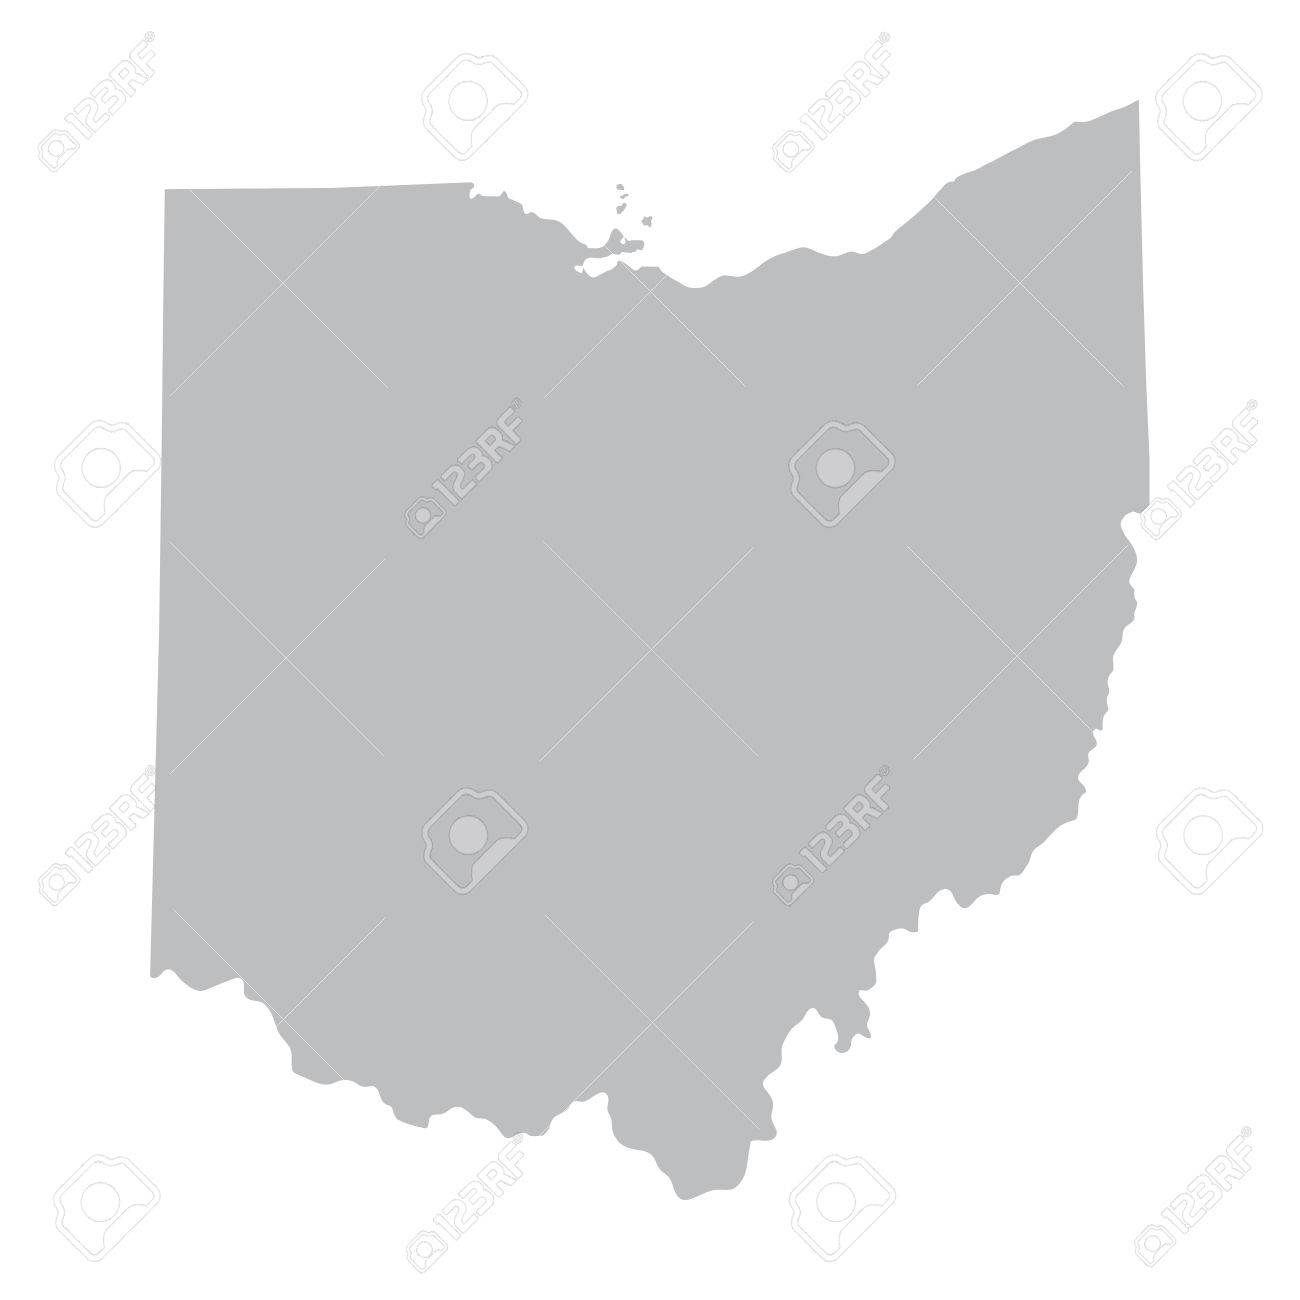 carte grise de l'Ohio Banque d'images - 37229156